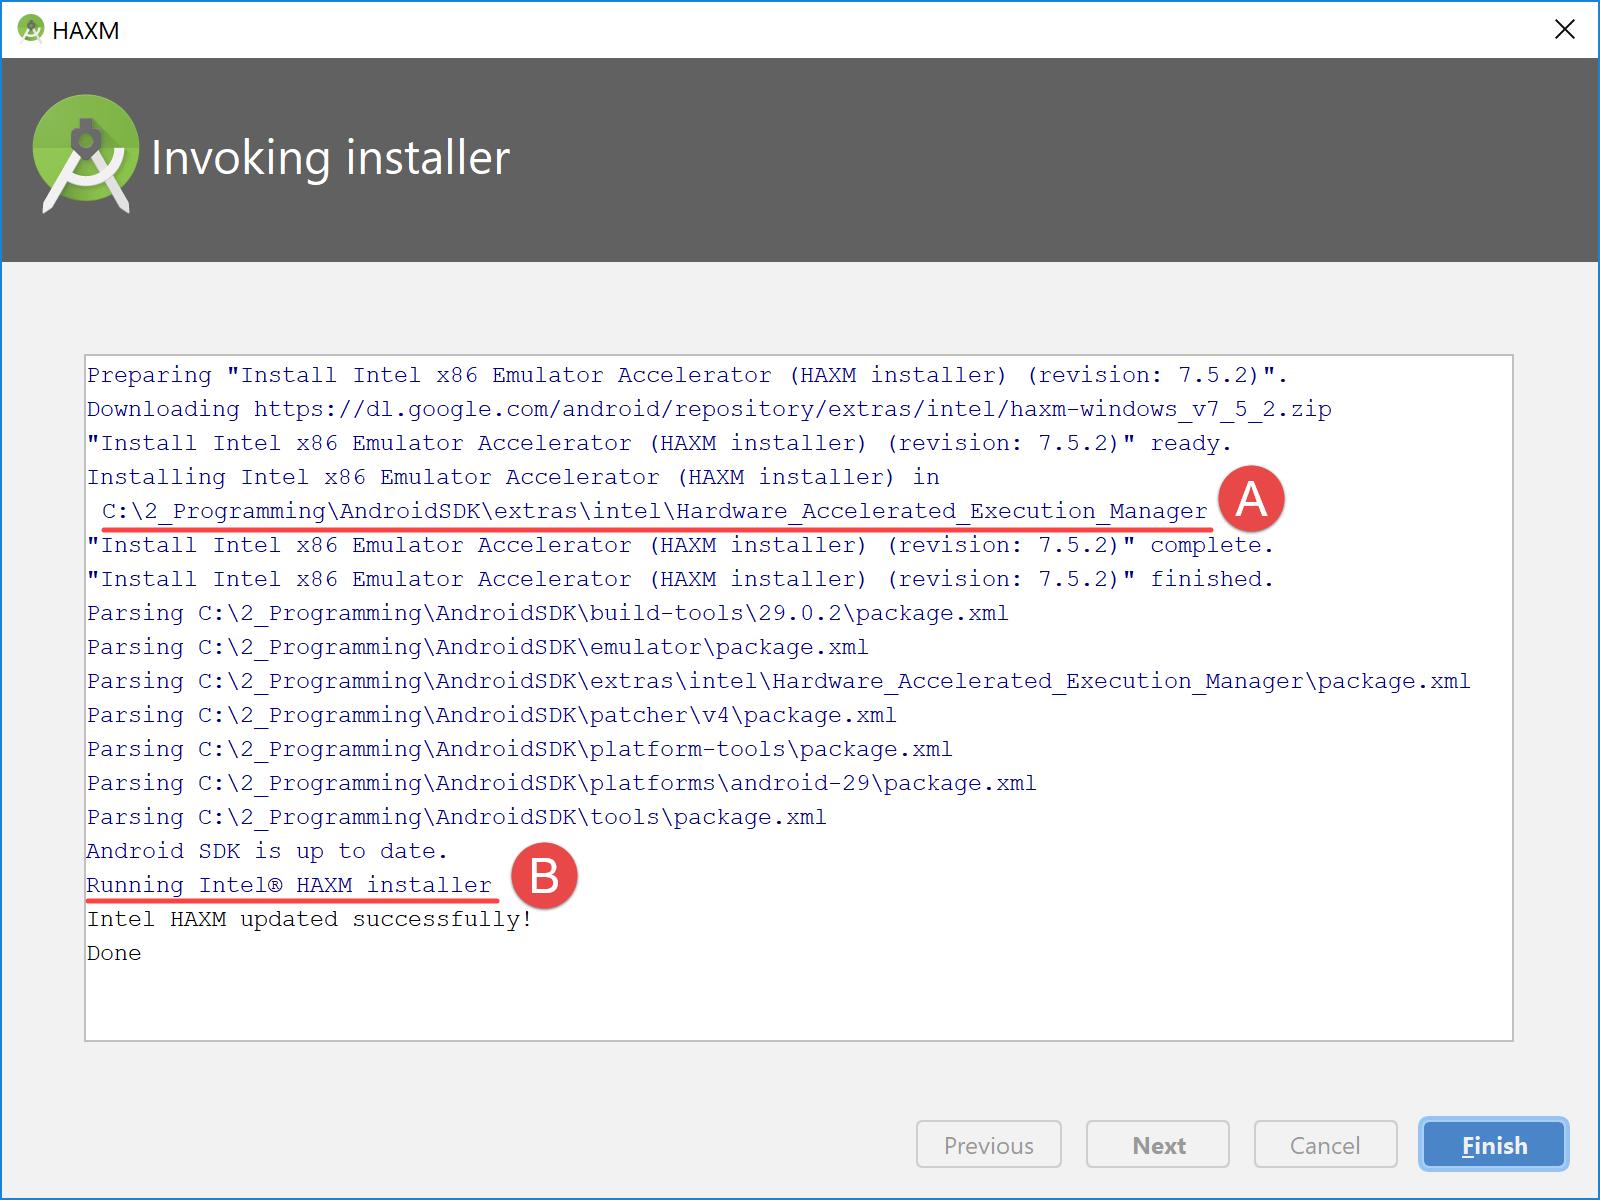 invoking_installer_haxm